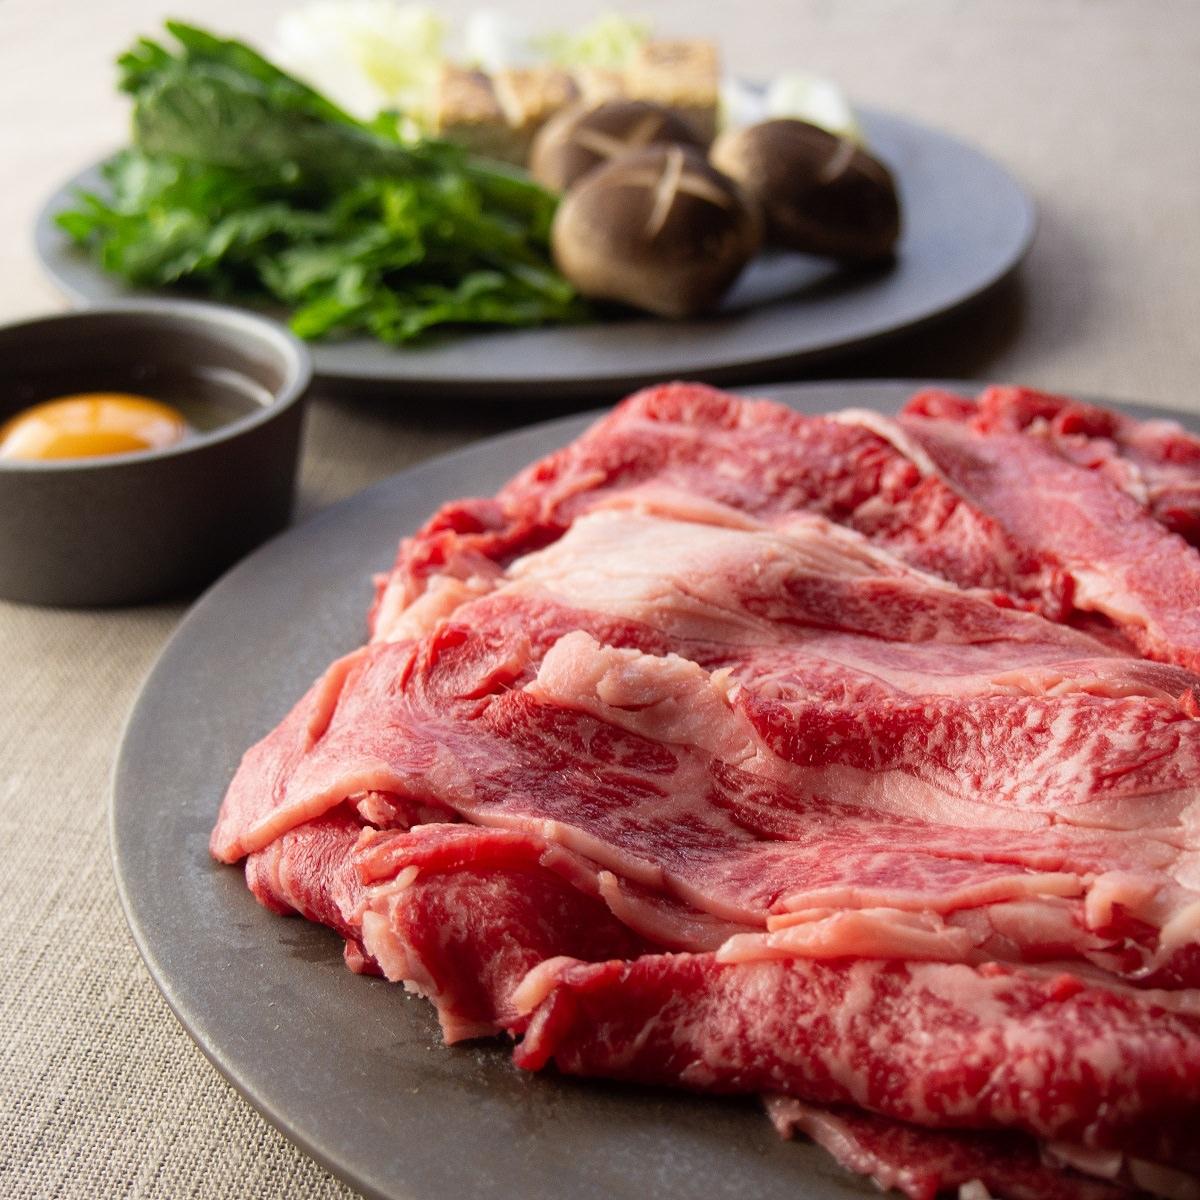 丸福商店 赤身肉 みなと牛 すき焼き ロース 2〜3人前 ギフト箱〔500g〕